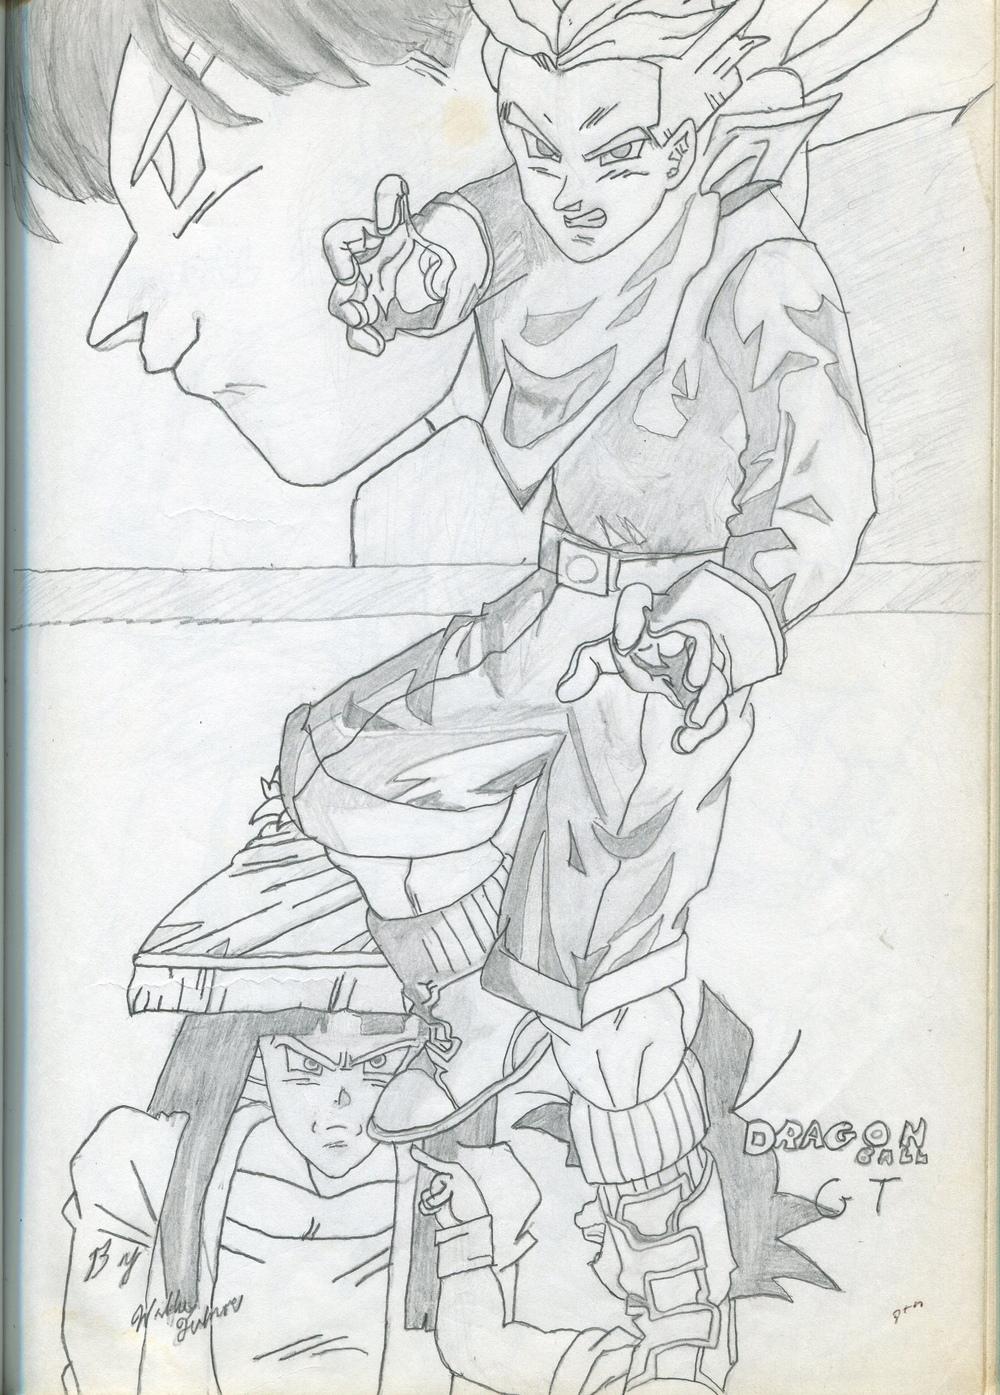 Wil Hand Drawings Grade School1.jpg